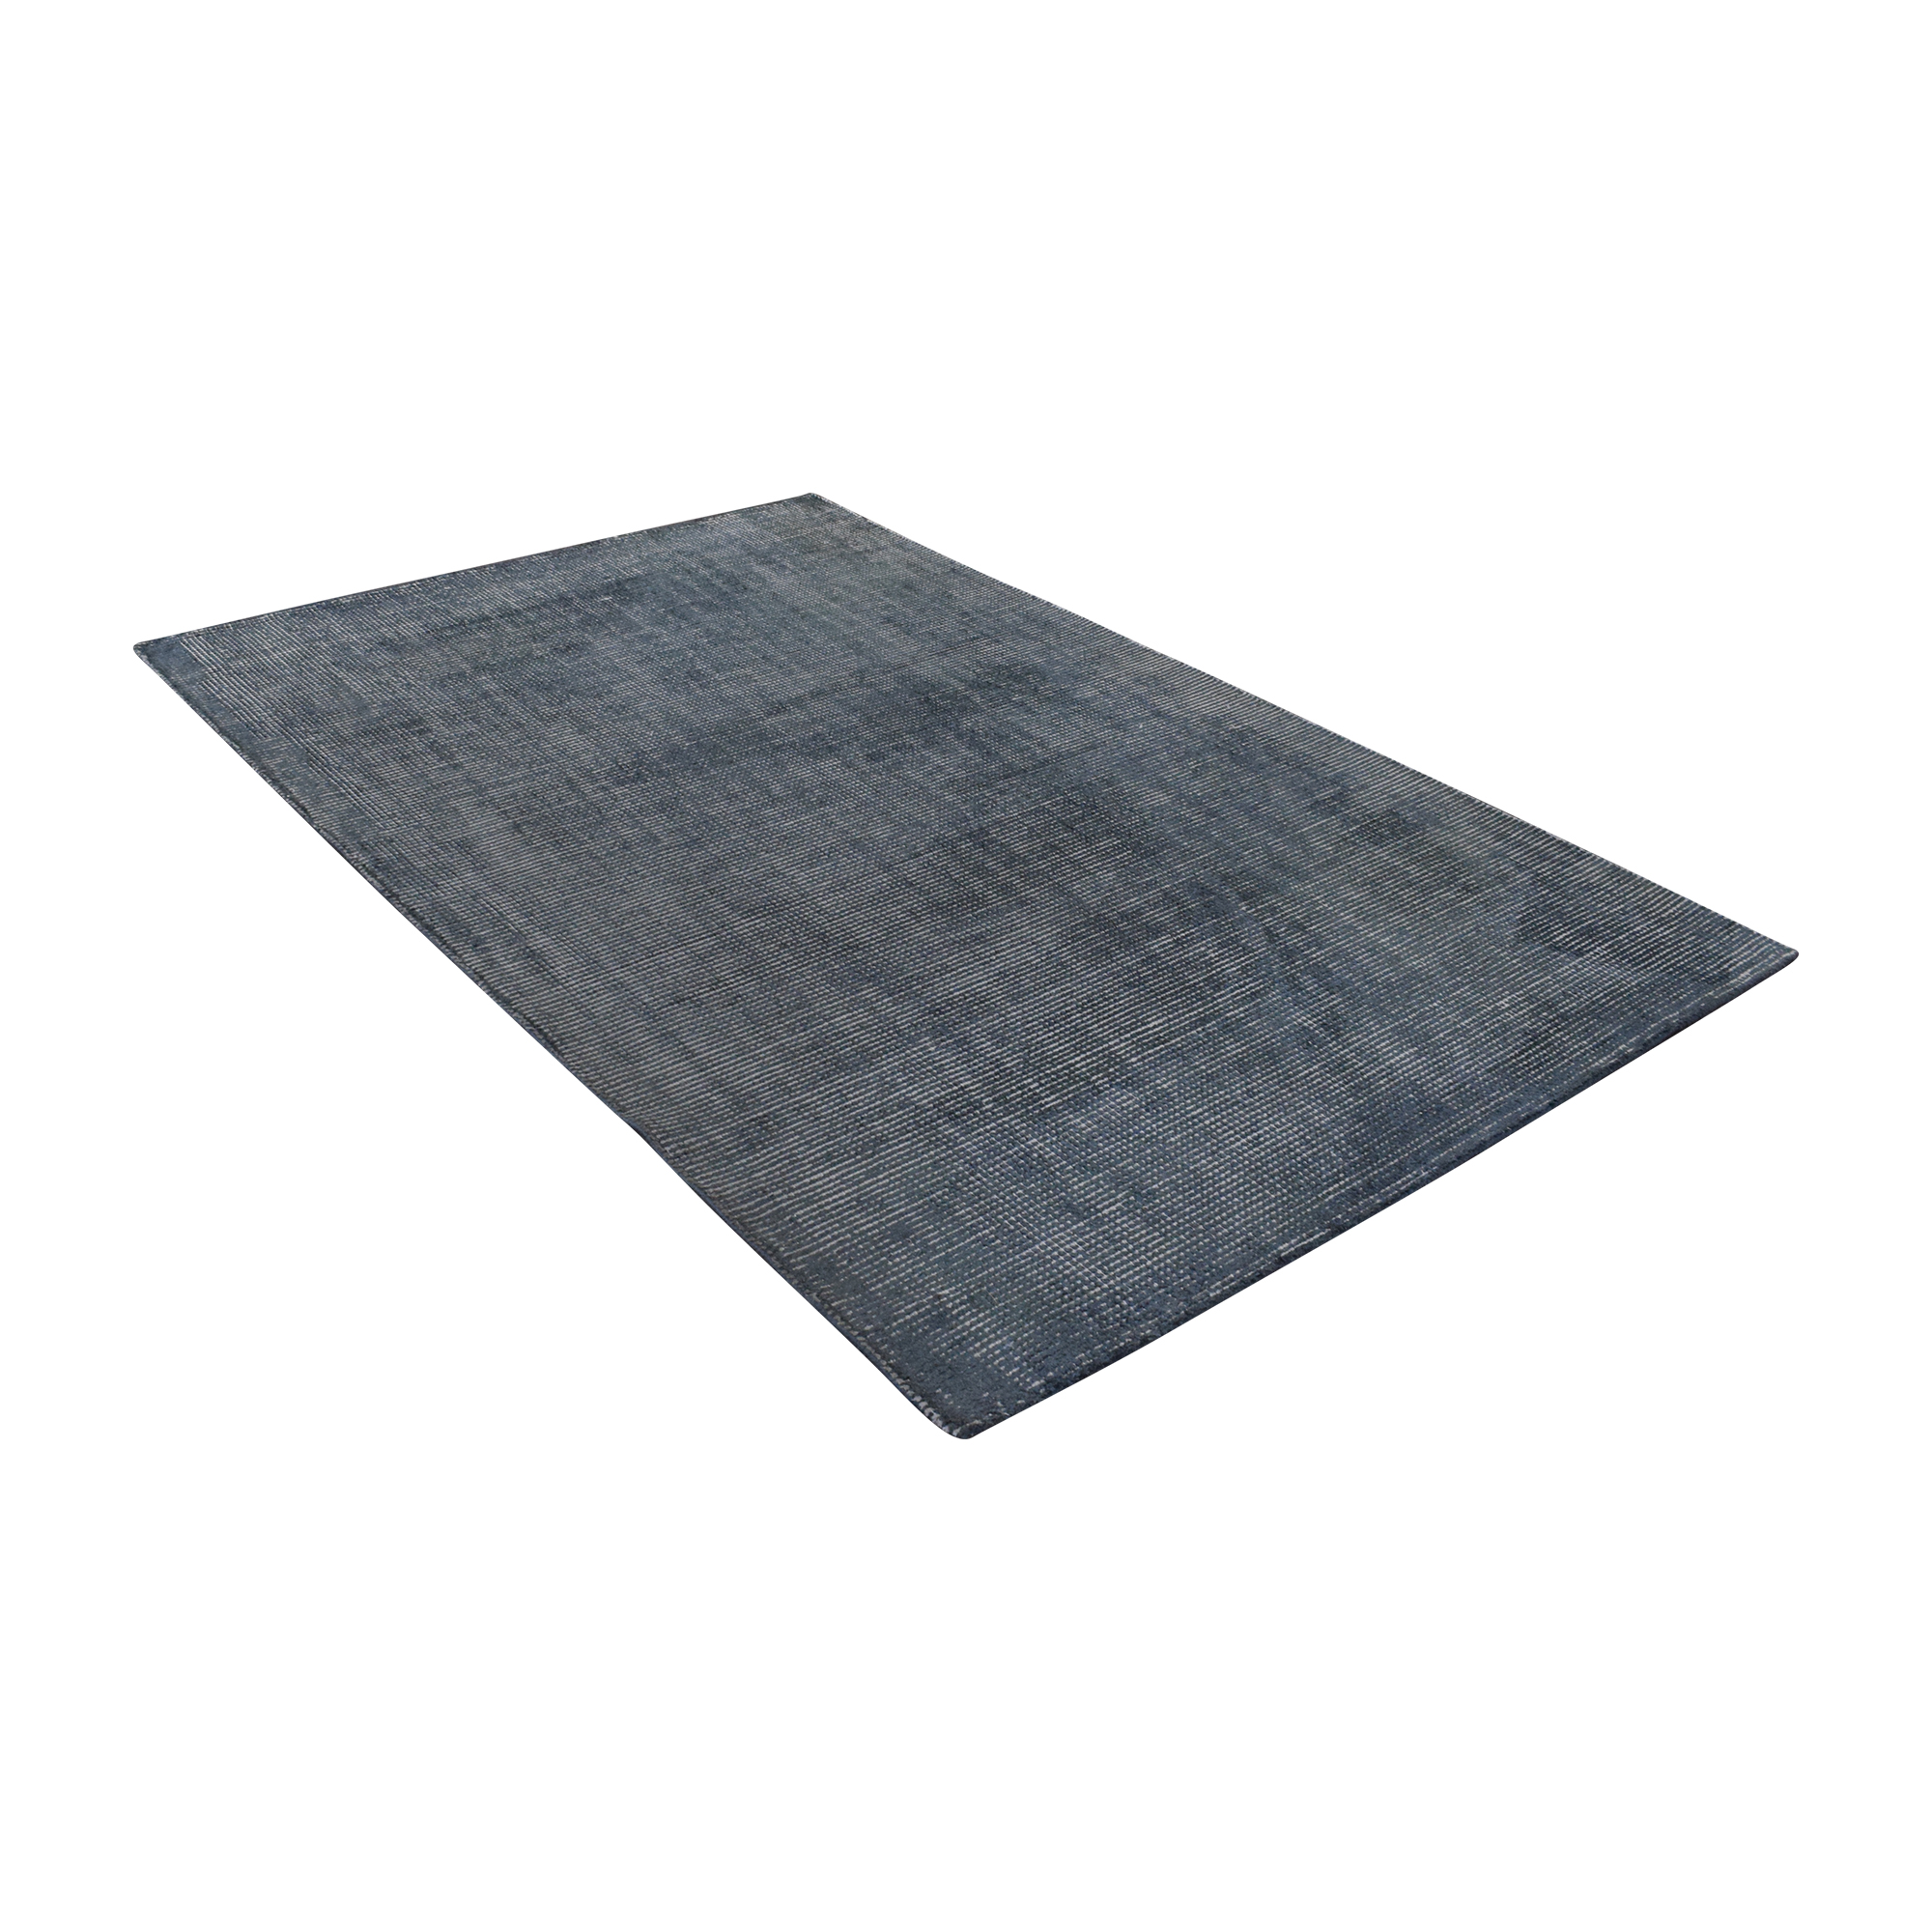 CB2 Scatter Gray Rug / Rugs